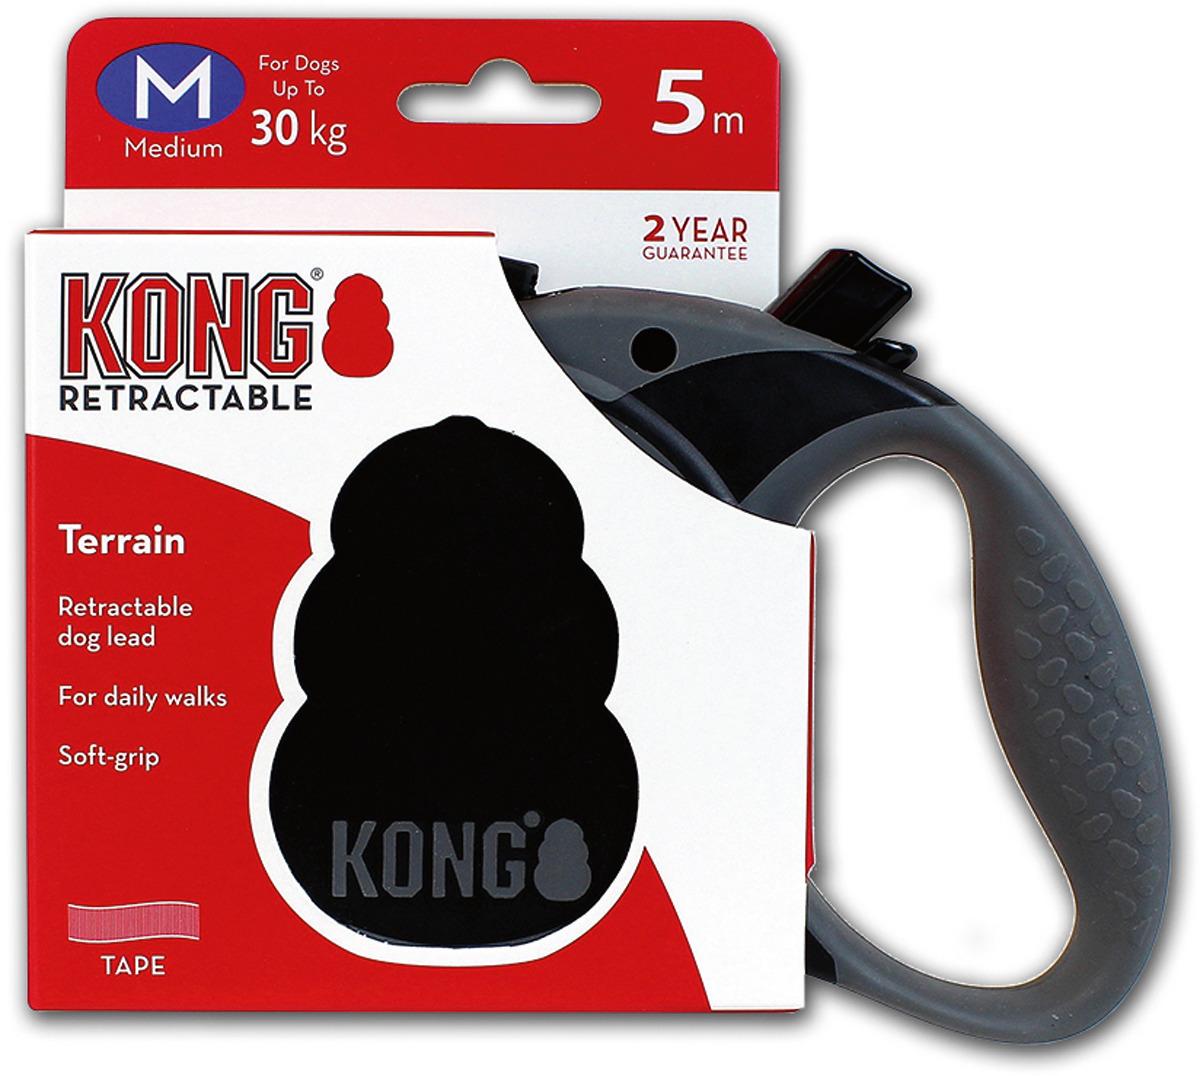 Поводок-рулетка для собак Kong Terrain M, цвет: черный, до 30 кг, 5 м